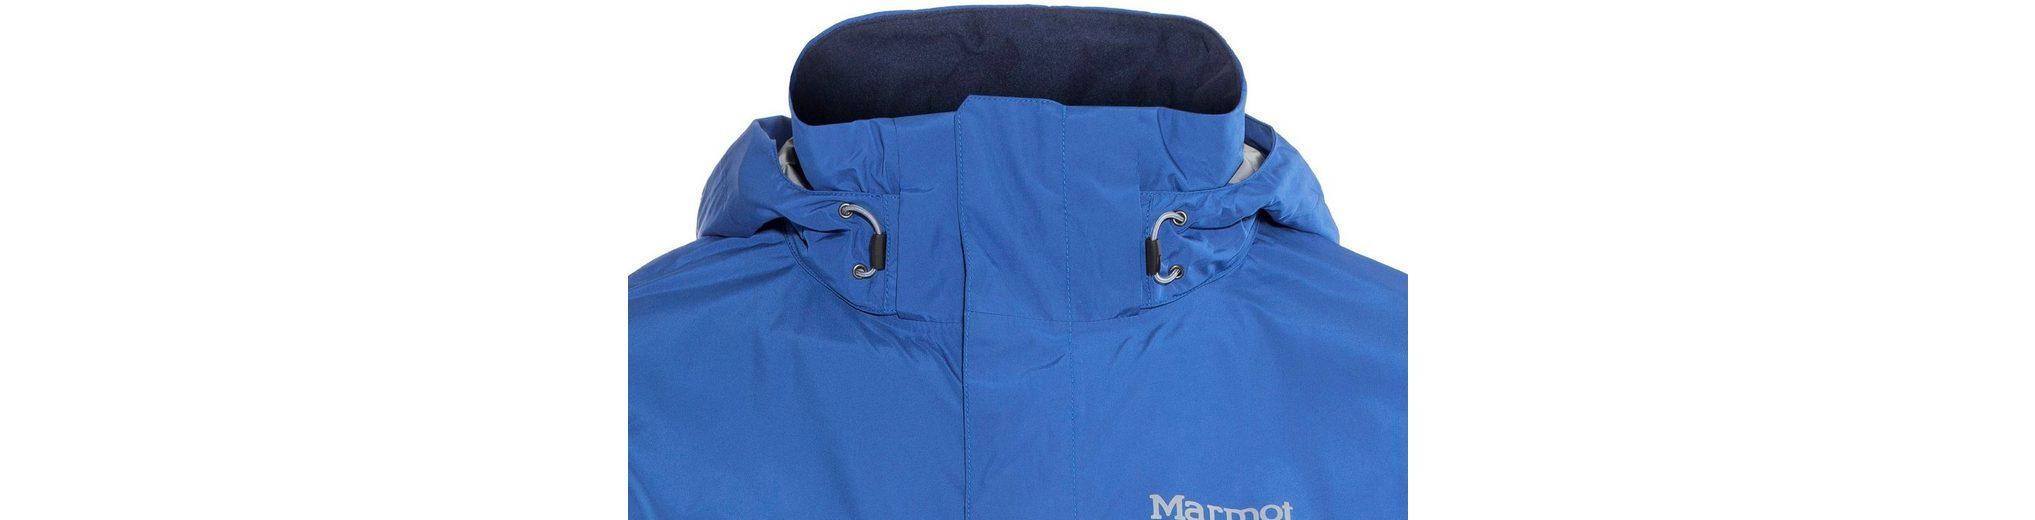 Marmot Outdoorjacke Alpenstock Jacket Men Spielraum Sehr Billig Am Besten Zu Verkaufen Rabatt In Deutschland Spielraum Wählen Eine Beste Qri40zU